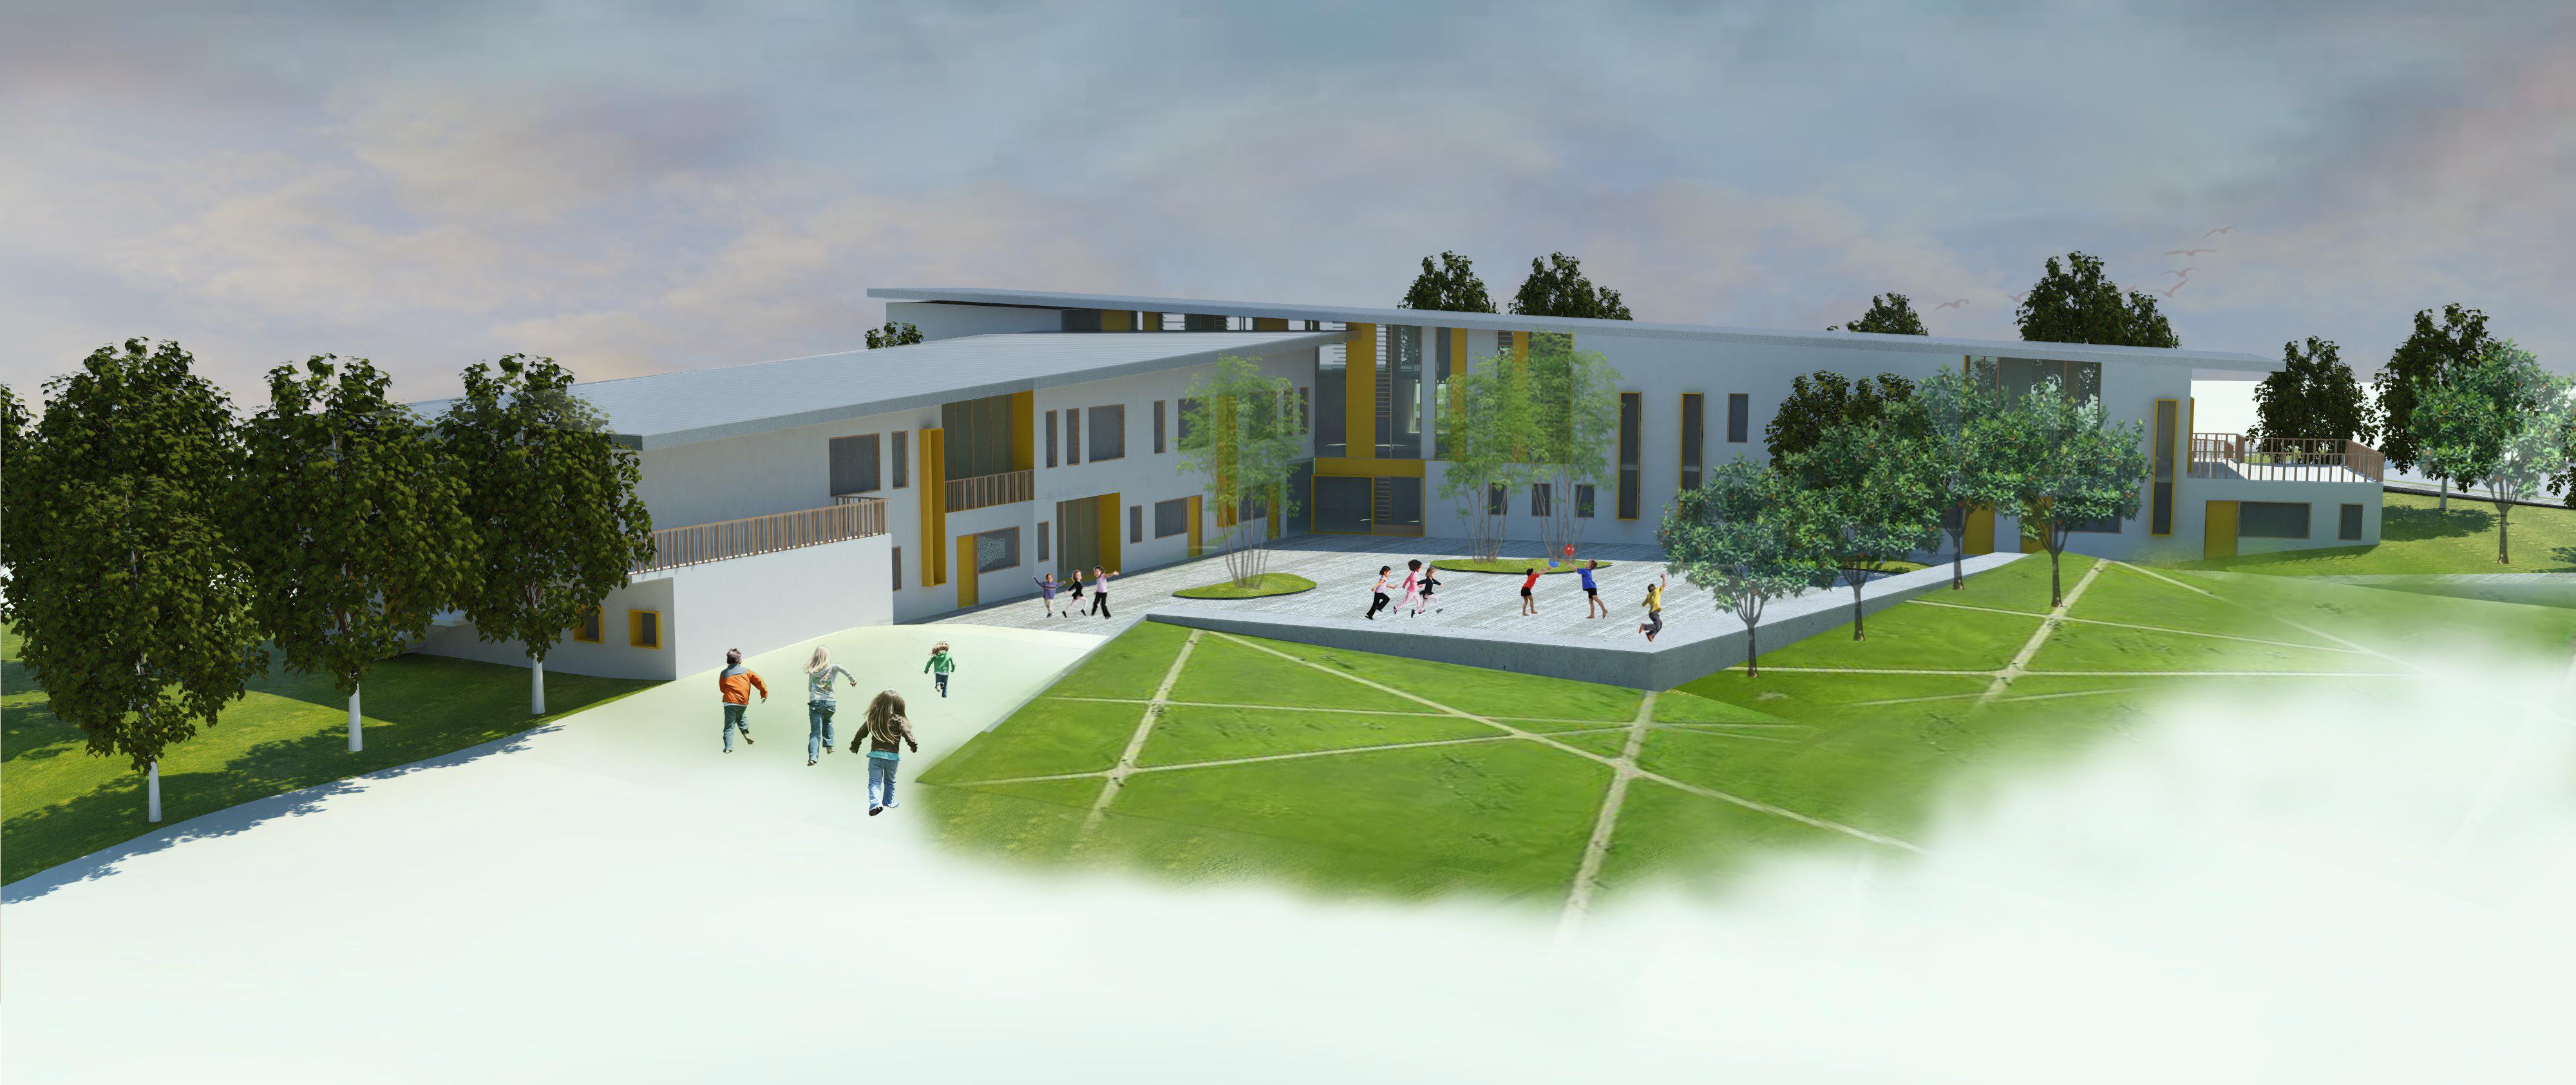 Elyakim School 2